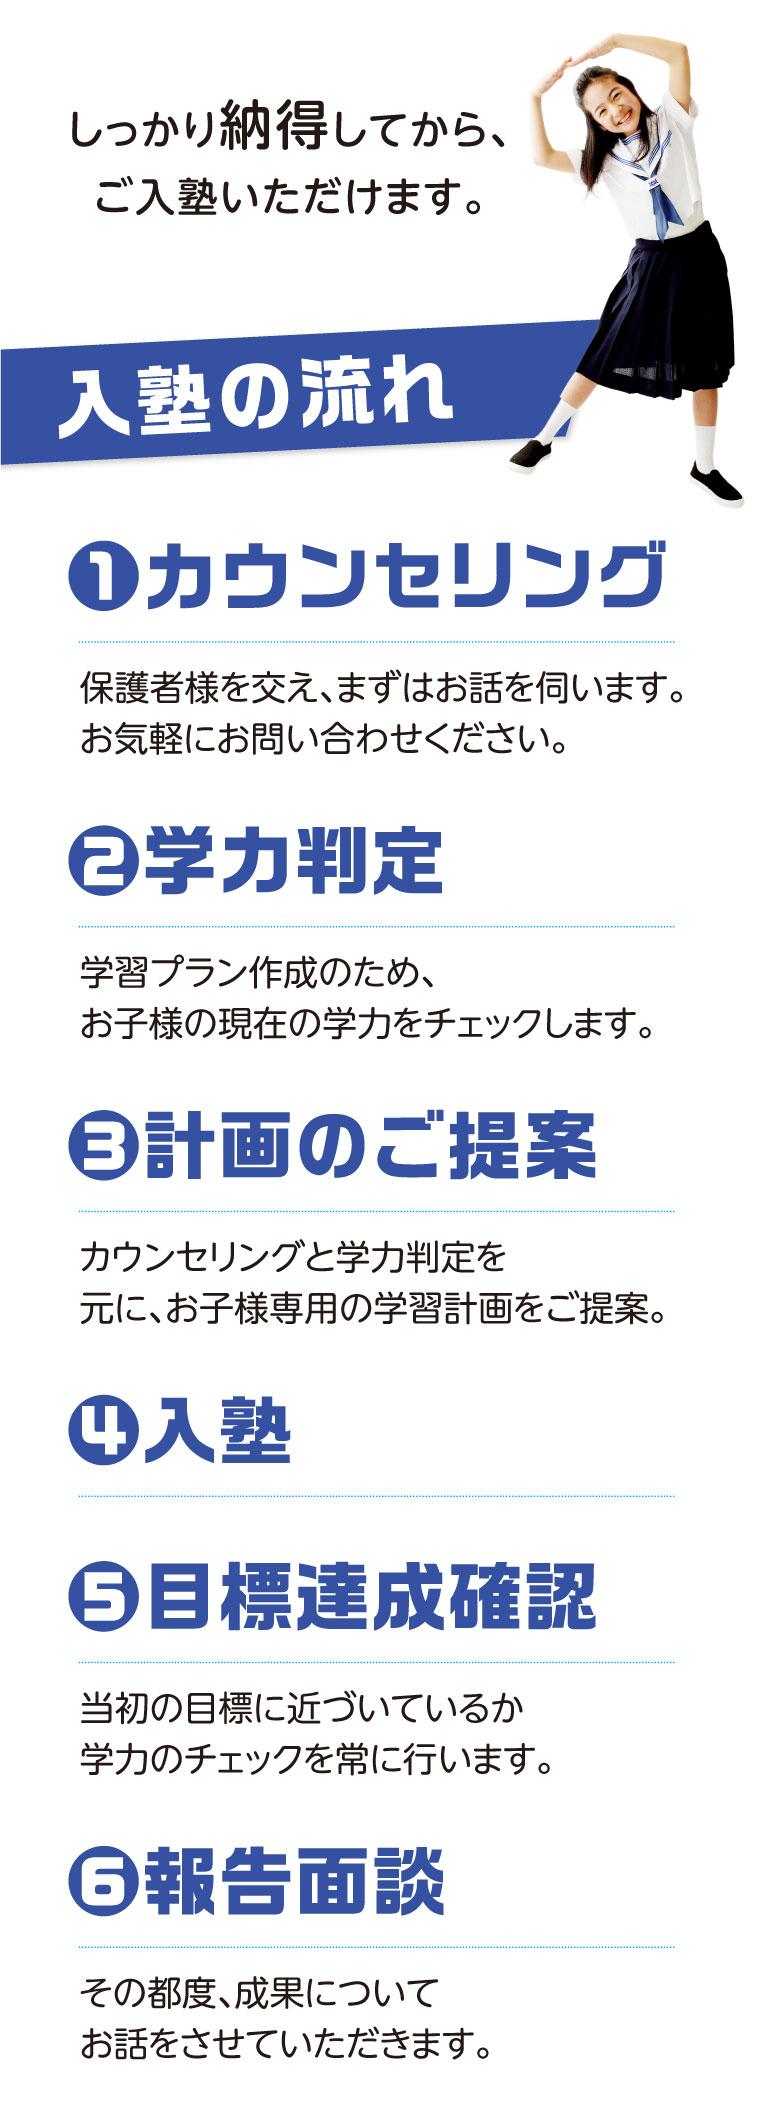 kds-case-20n-f-03